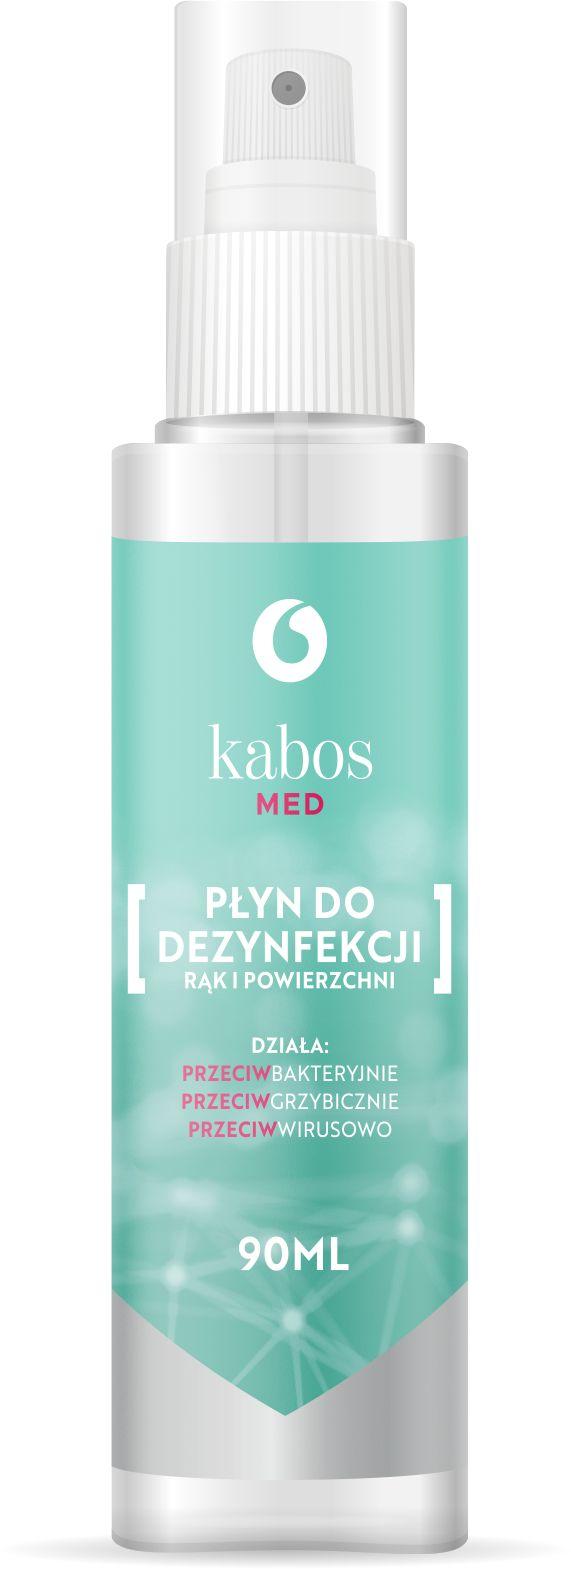 Kabos Med Płyn do dezynfekcji rąk i powierzchni 90ml